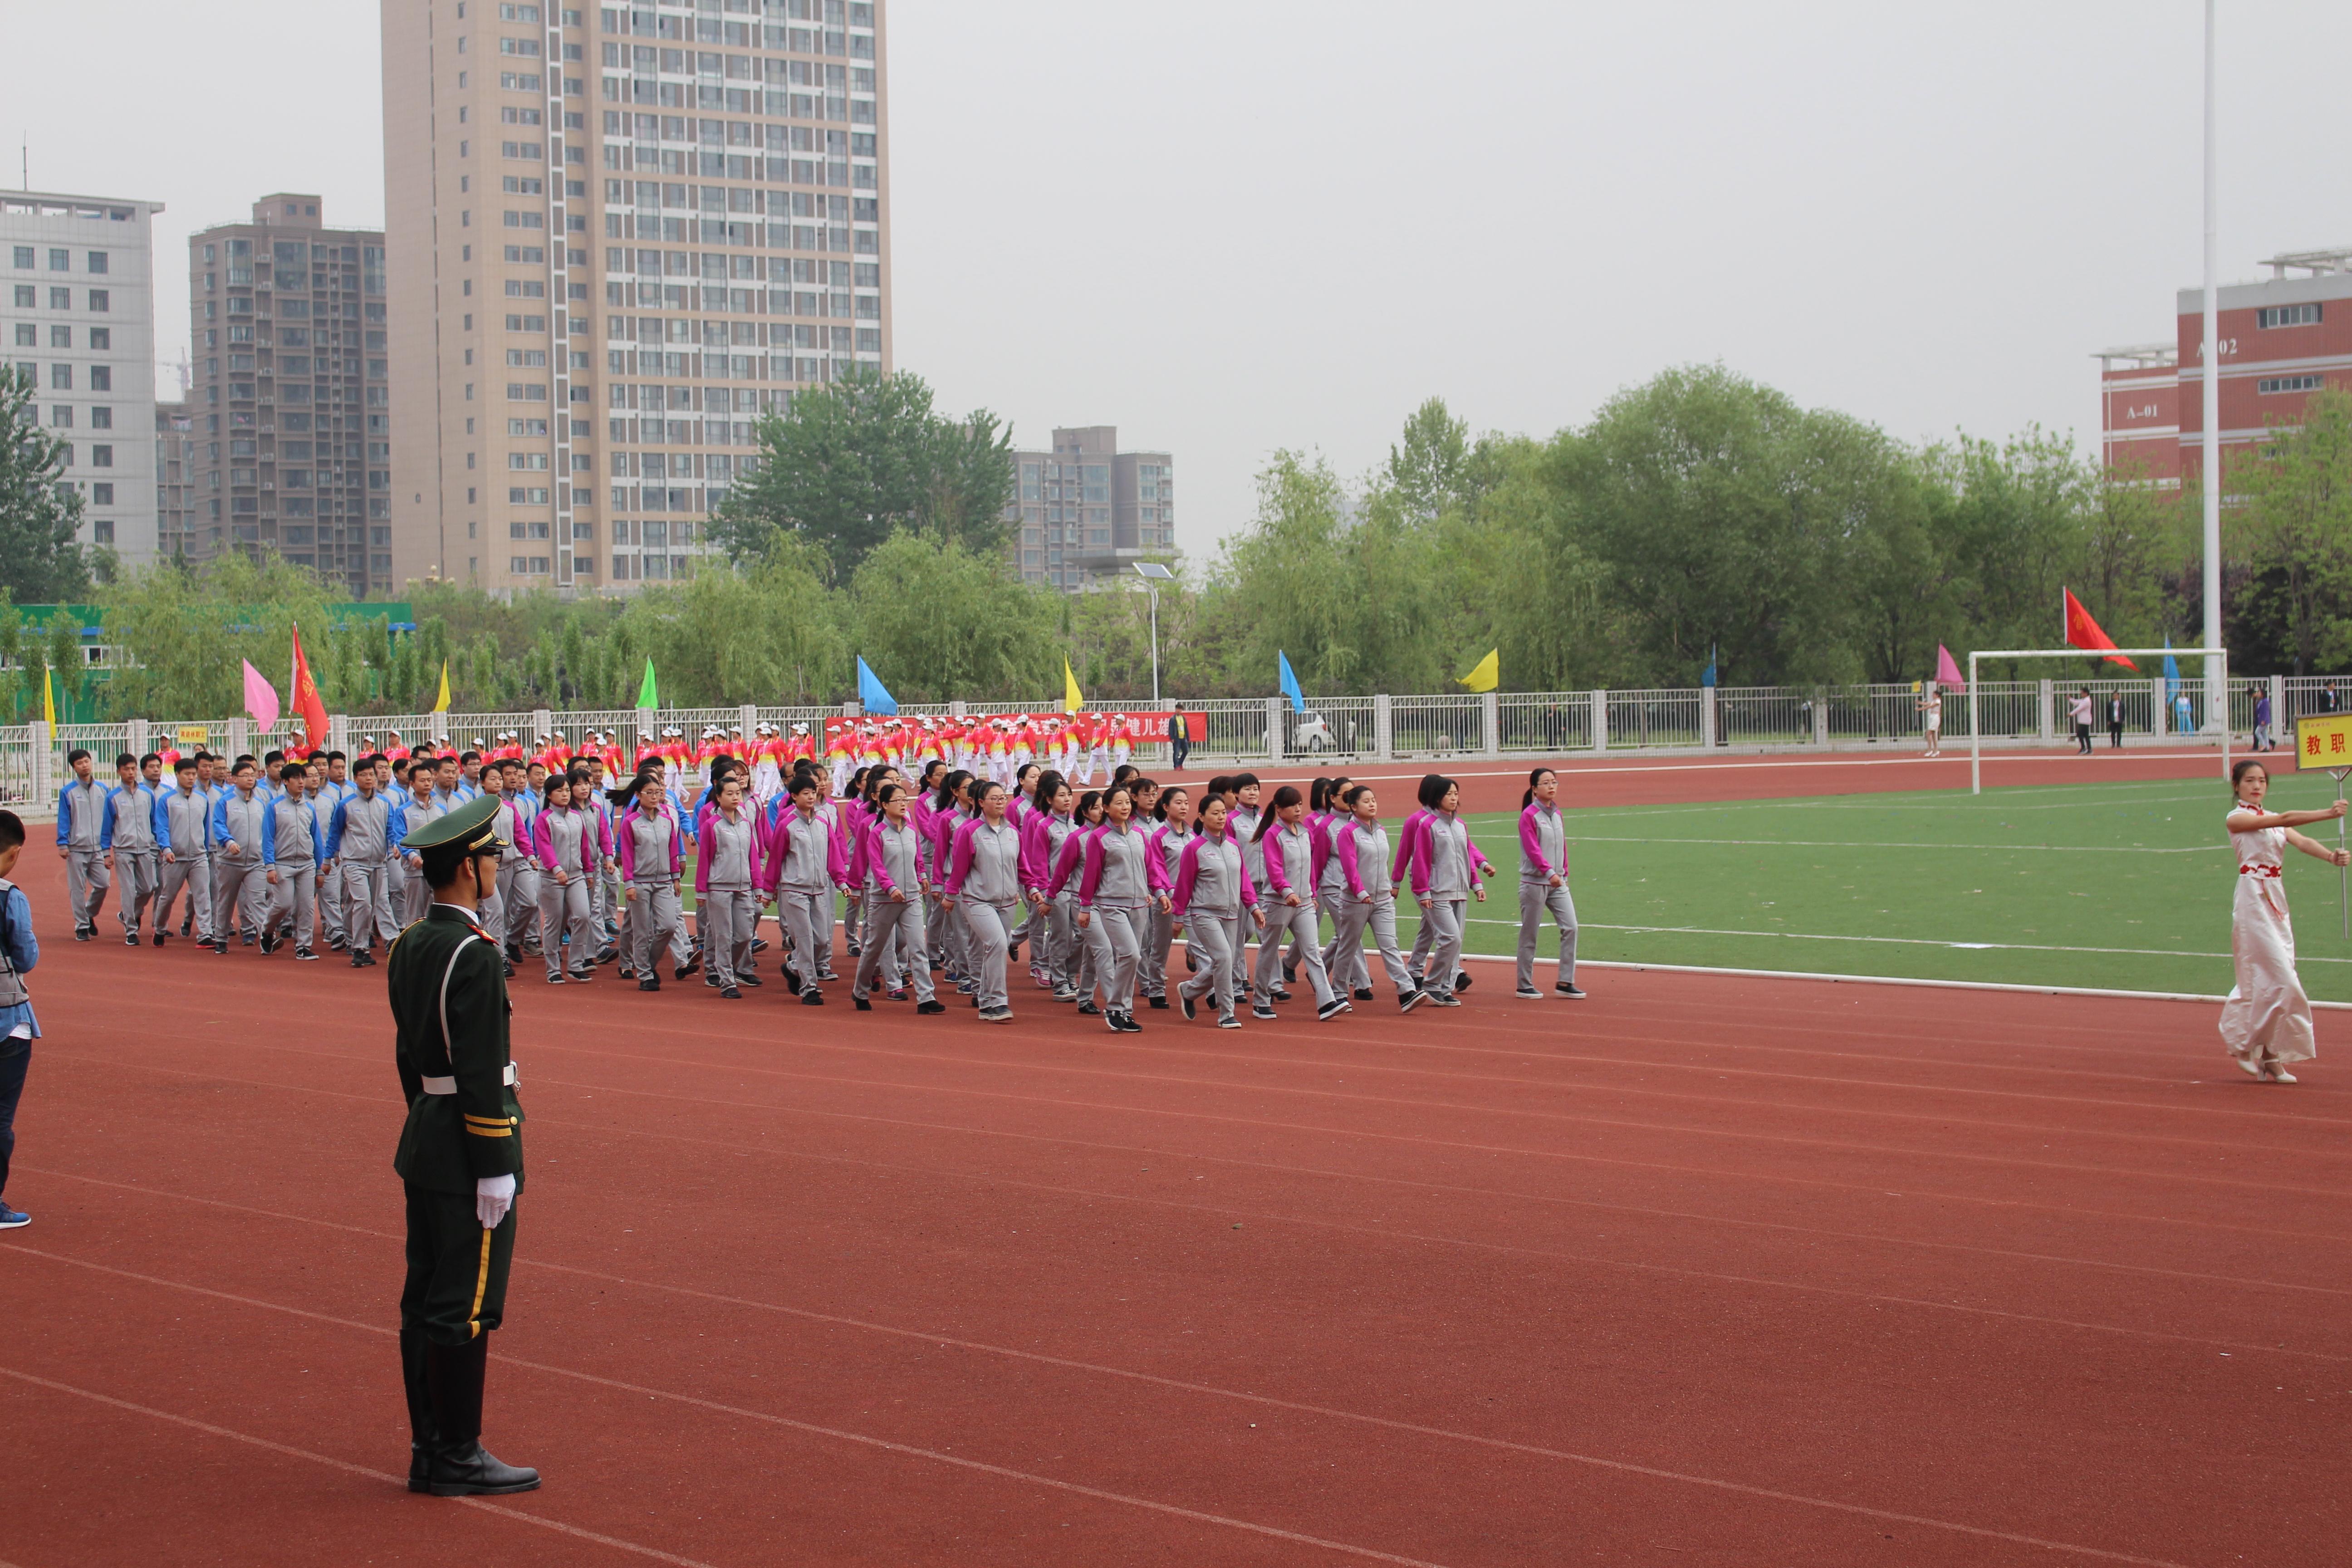 在运动会入场式上,教职工方块队队形整齐,步调一致,意志昂扬